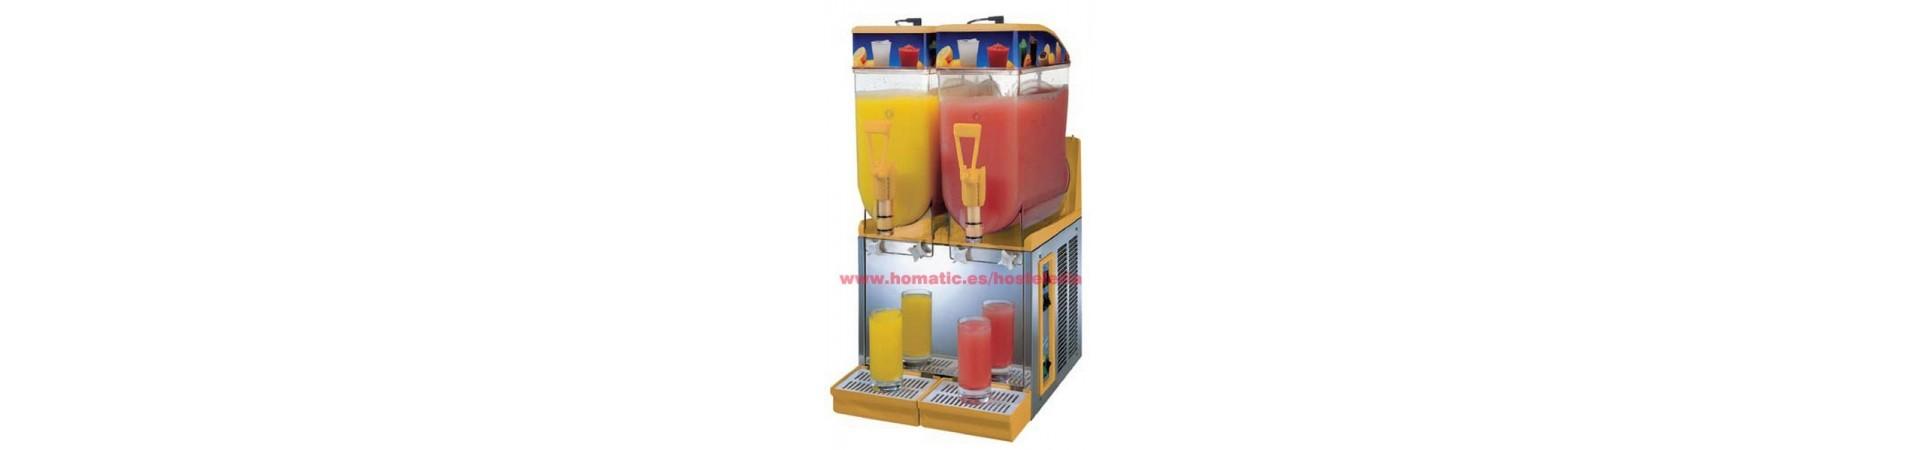 Granizadoras, máquinas de helado y dispensadores de bebidas  online con garantía y envío rápido